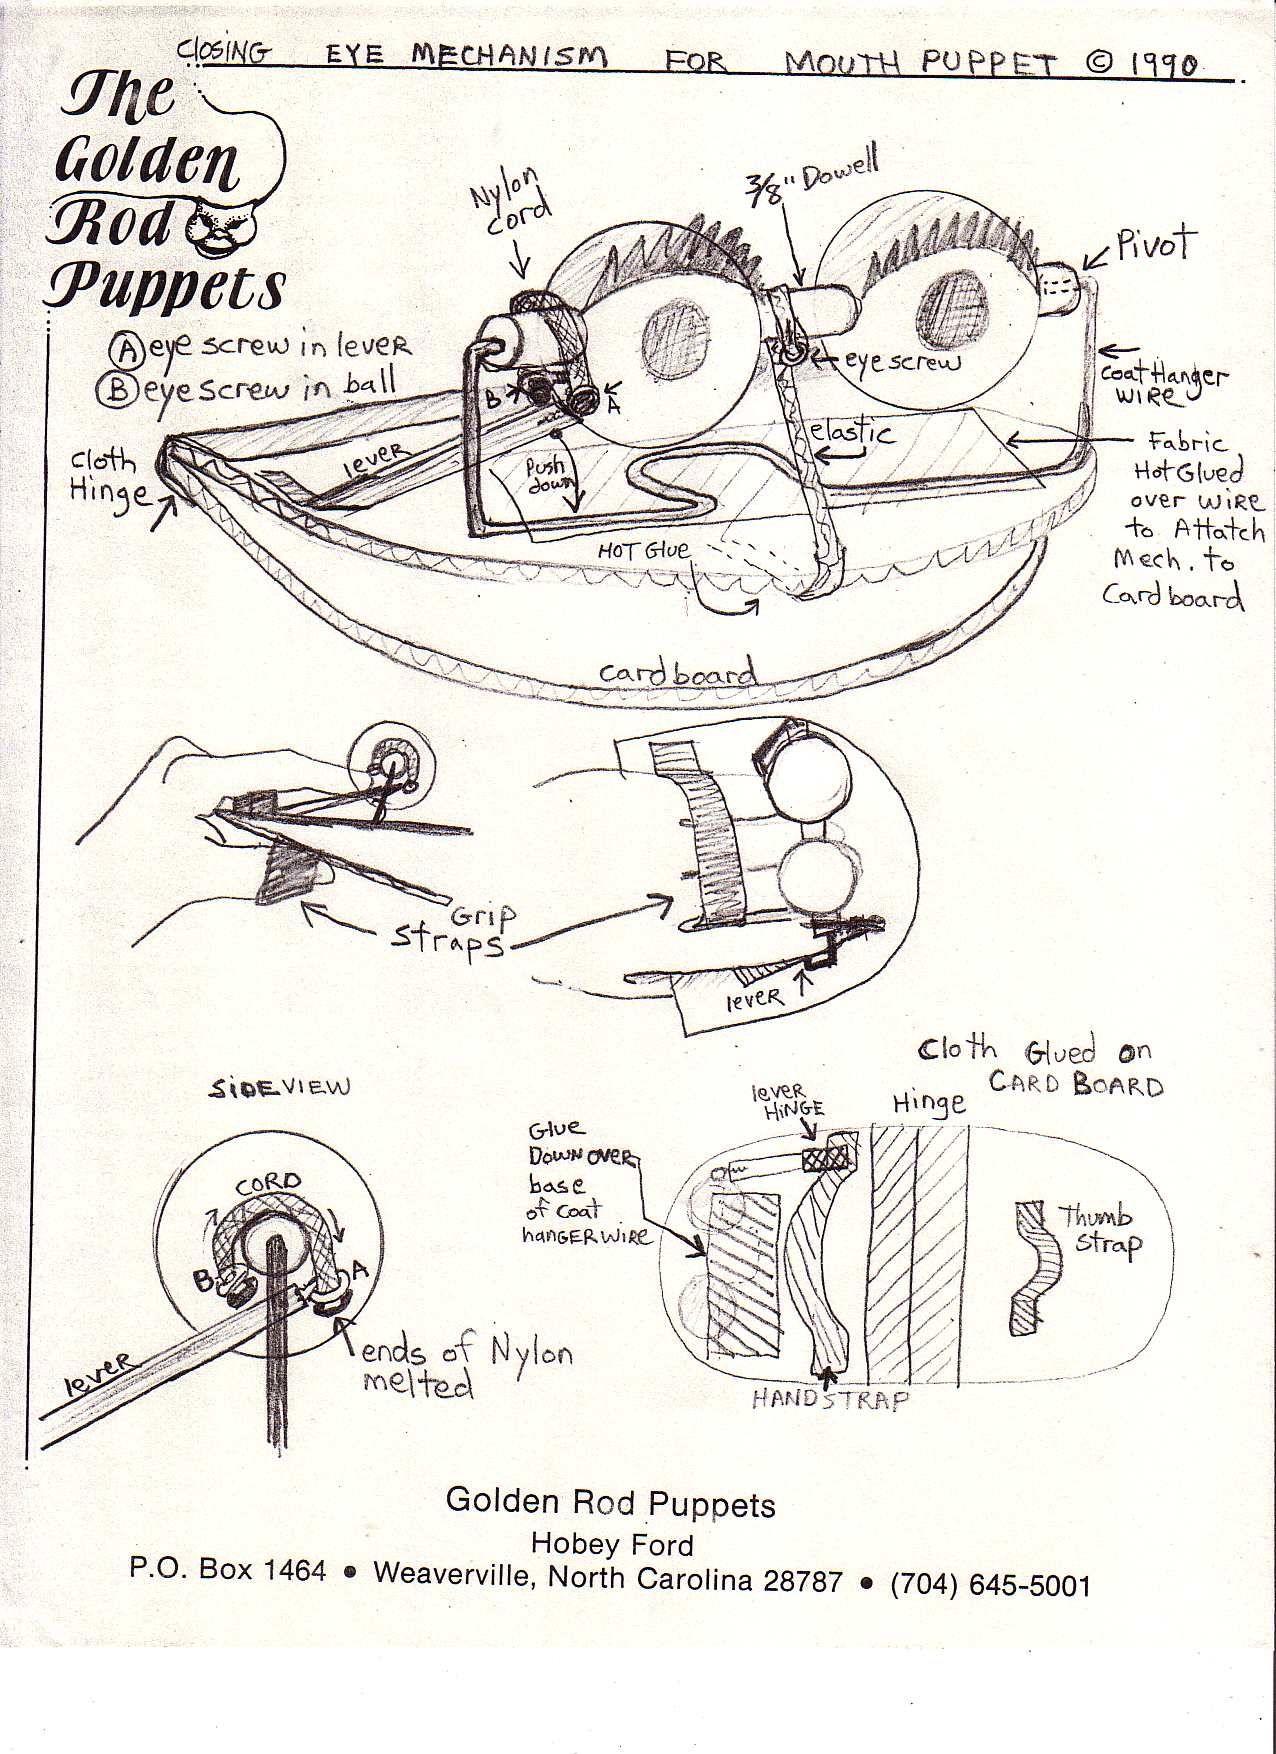 Puppet Mechanisms